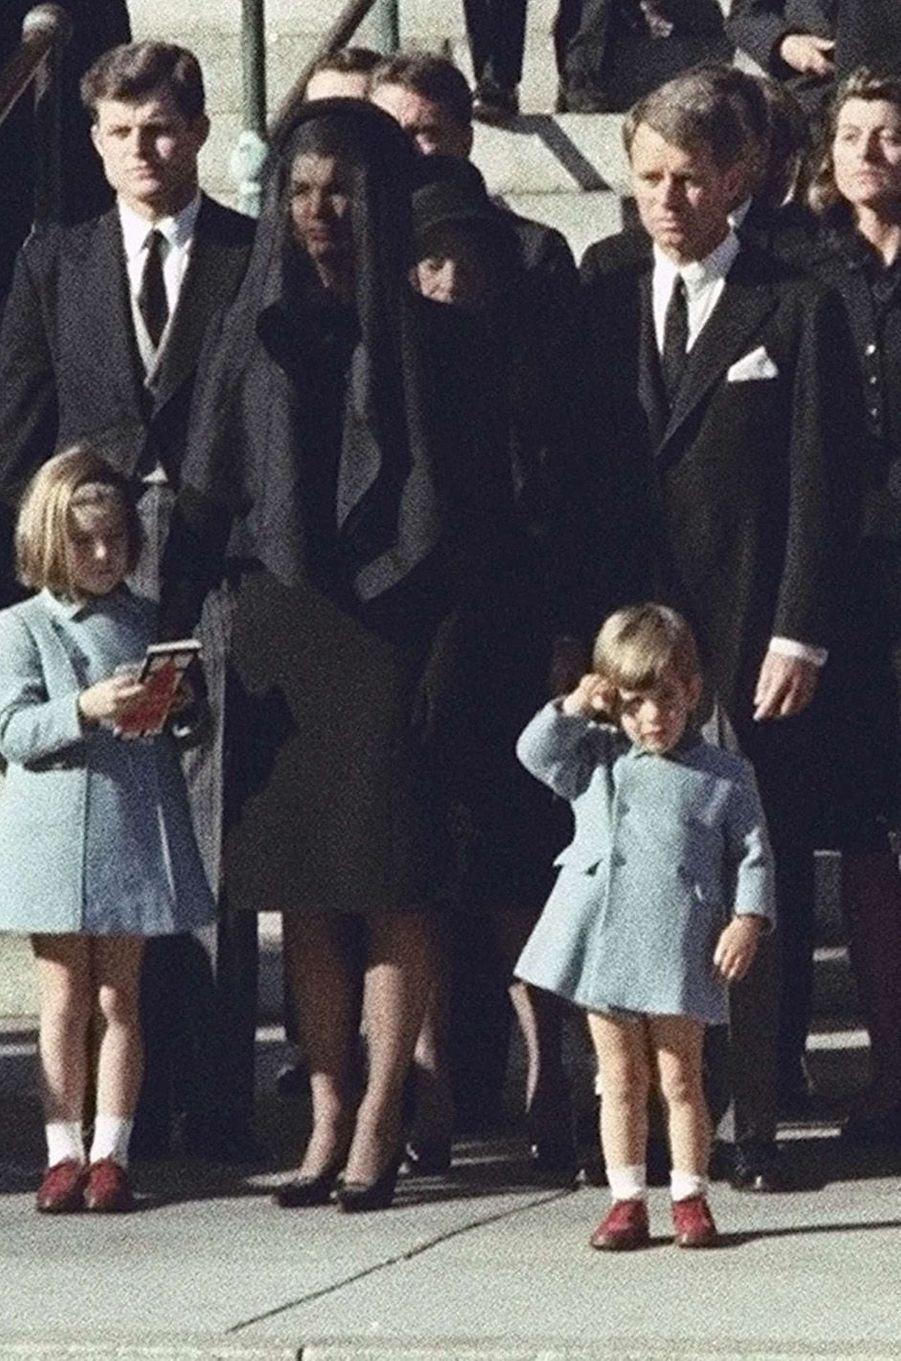 Enterrement de John, le 25 novembre 1963